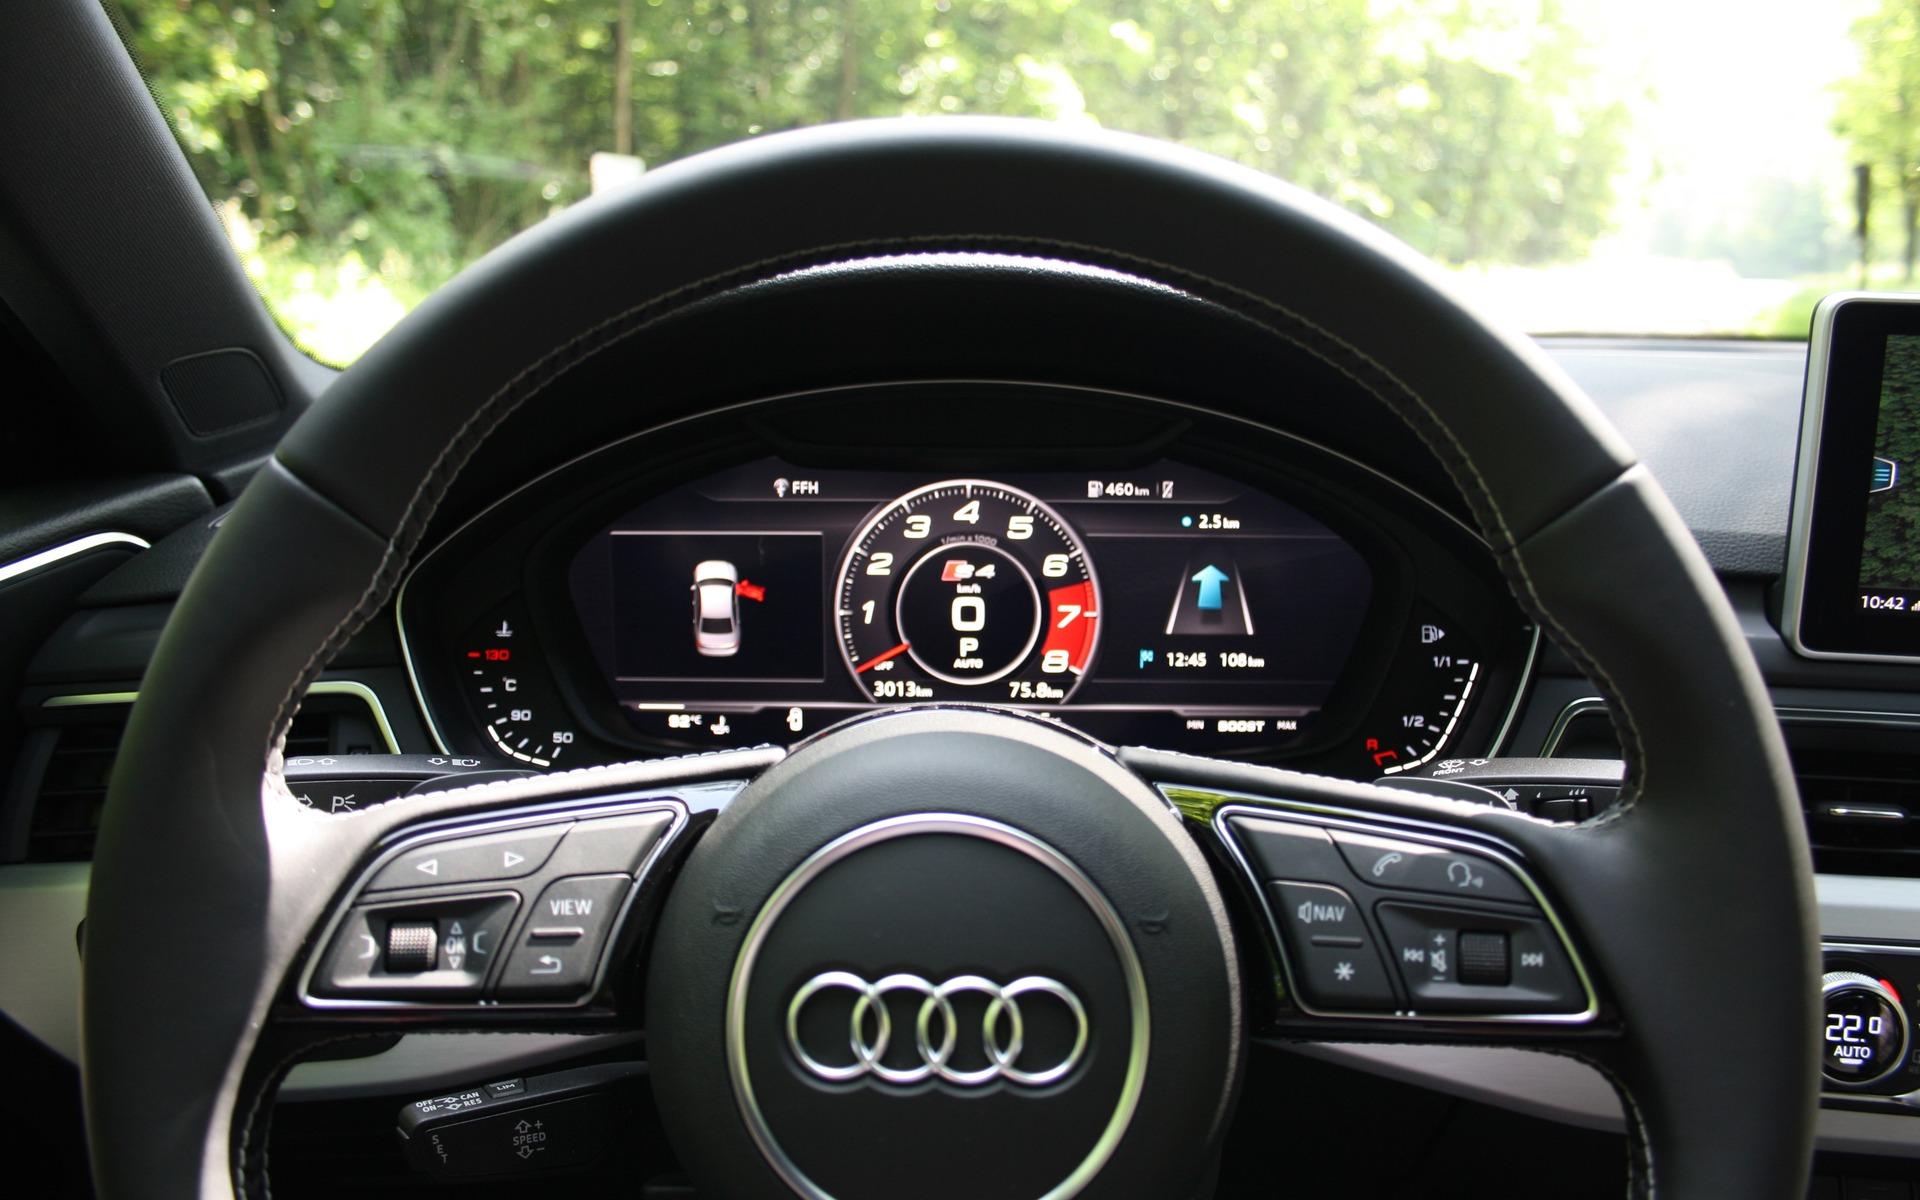 Audi S4 2018 : la bête docile - 9/17